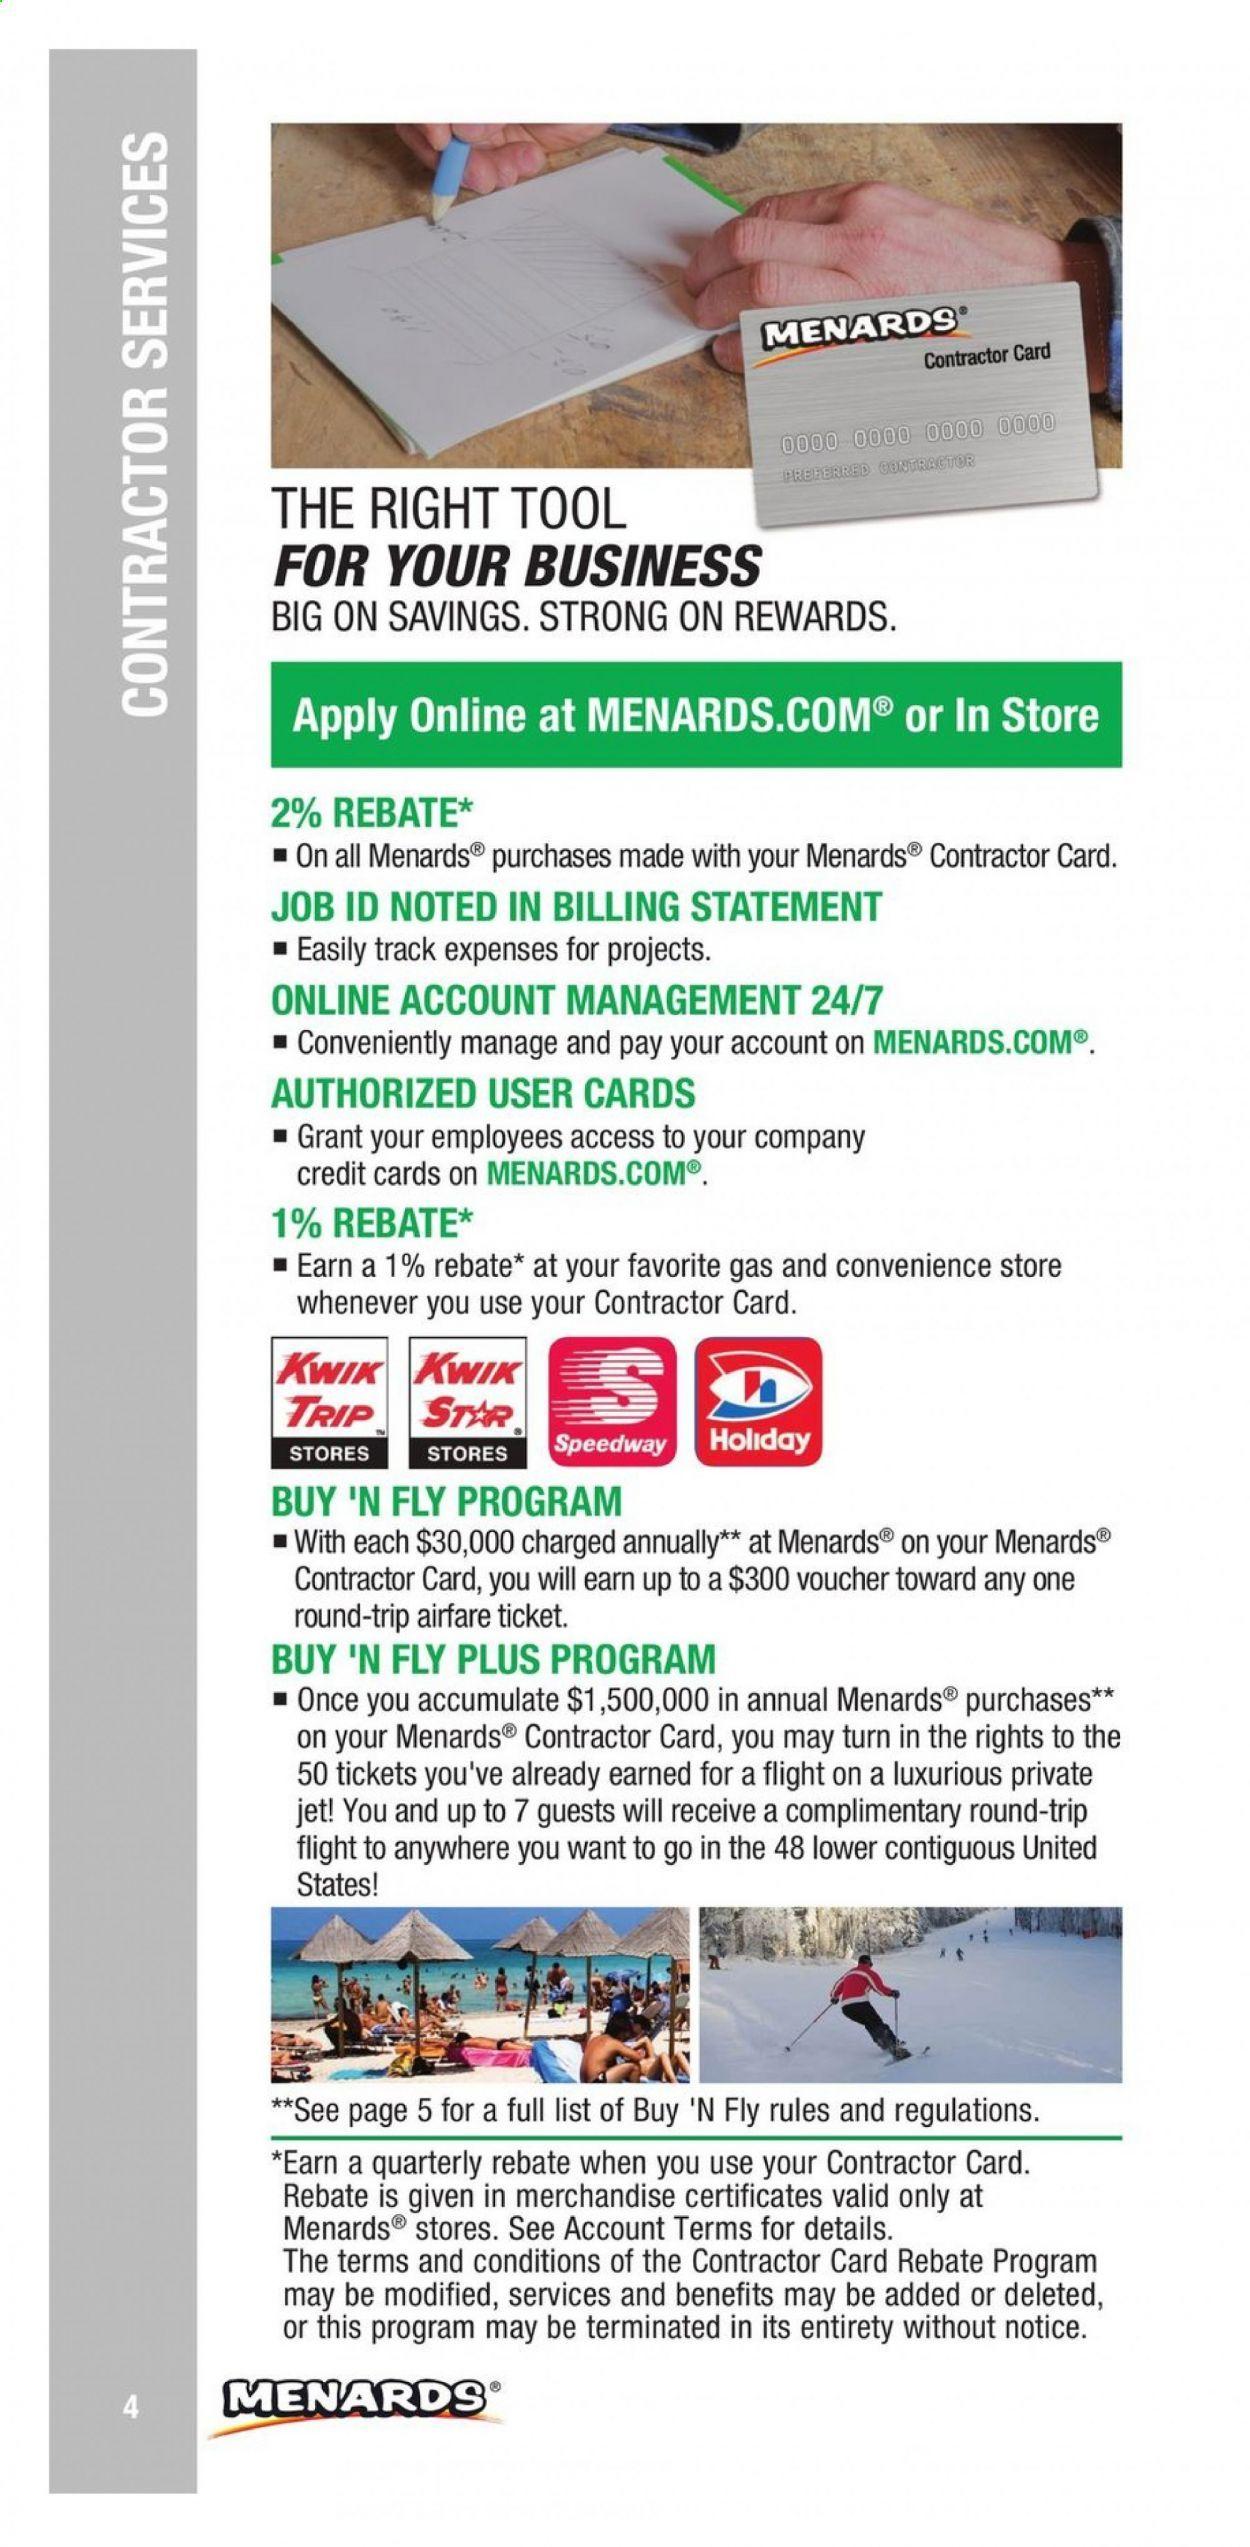 Menards Contractor Rebate Program 2021 - Page 4